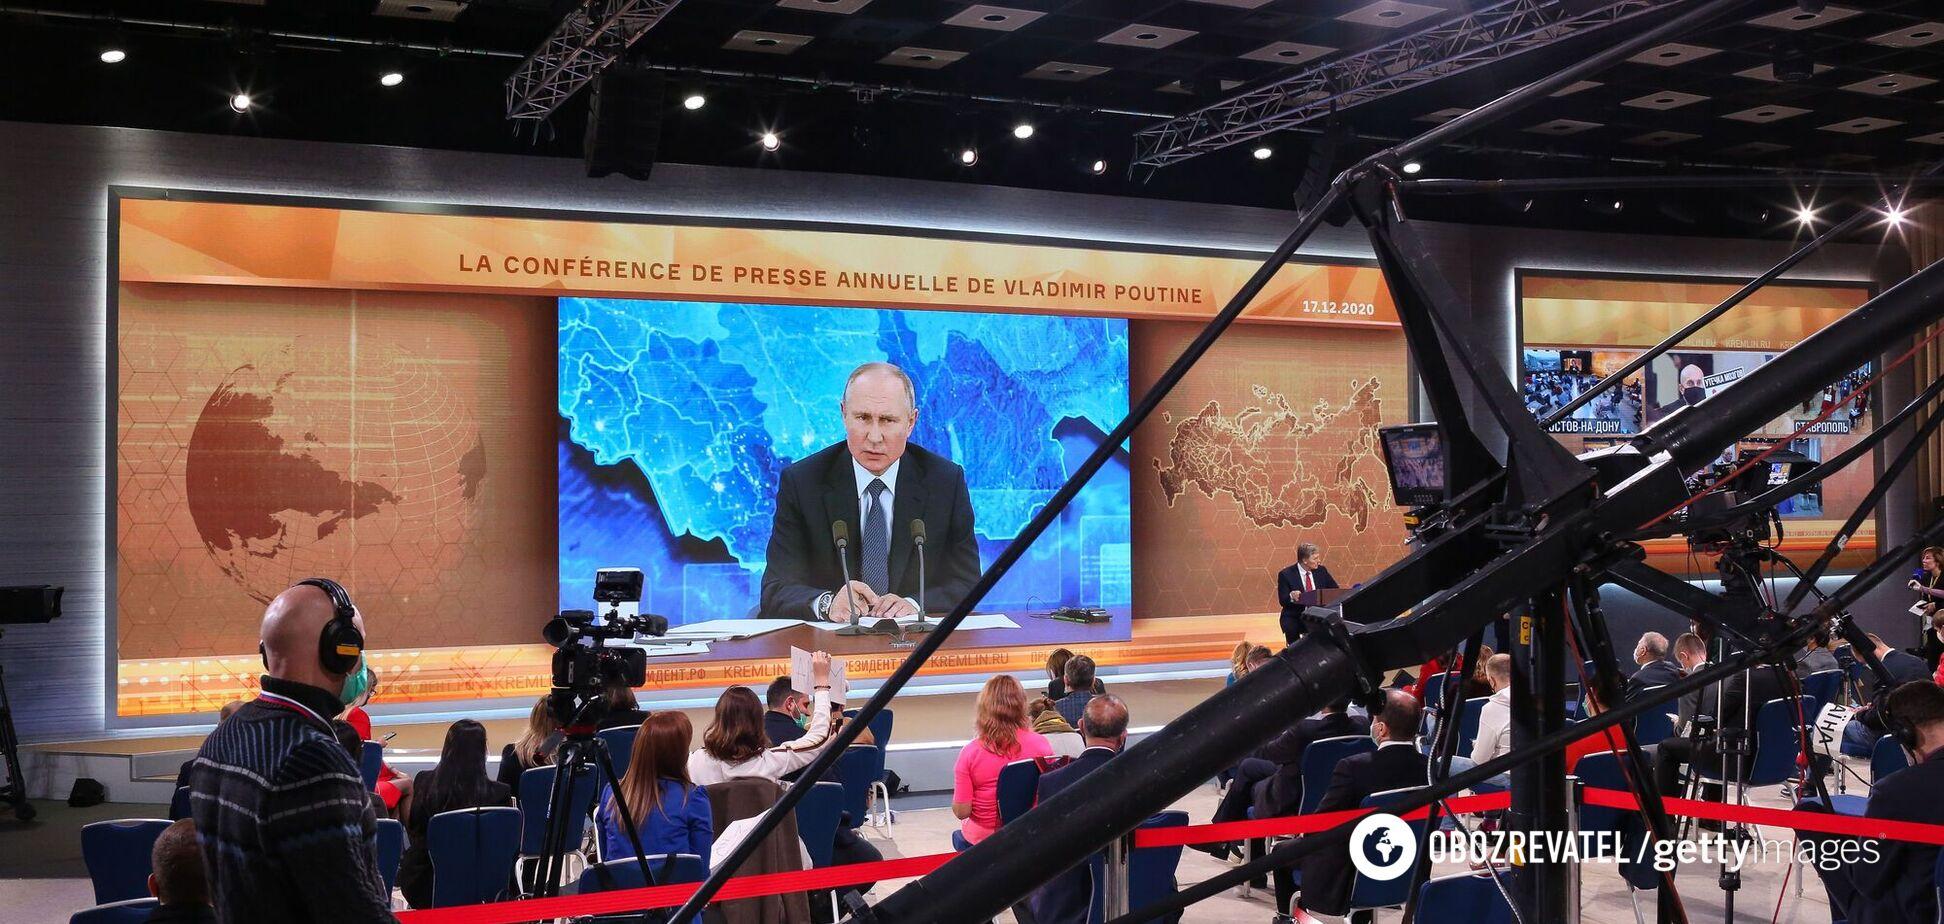 Прес-конференція Володимира Путіна